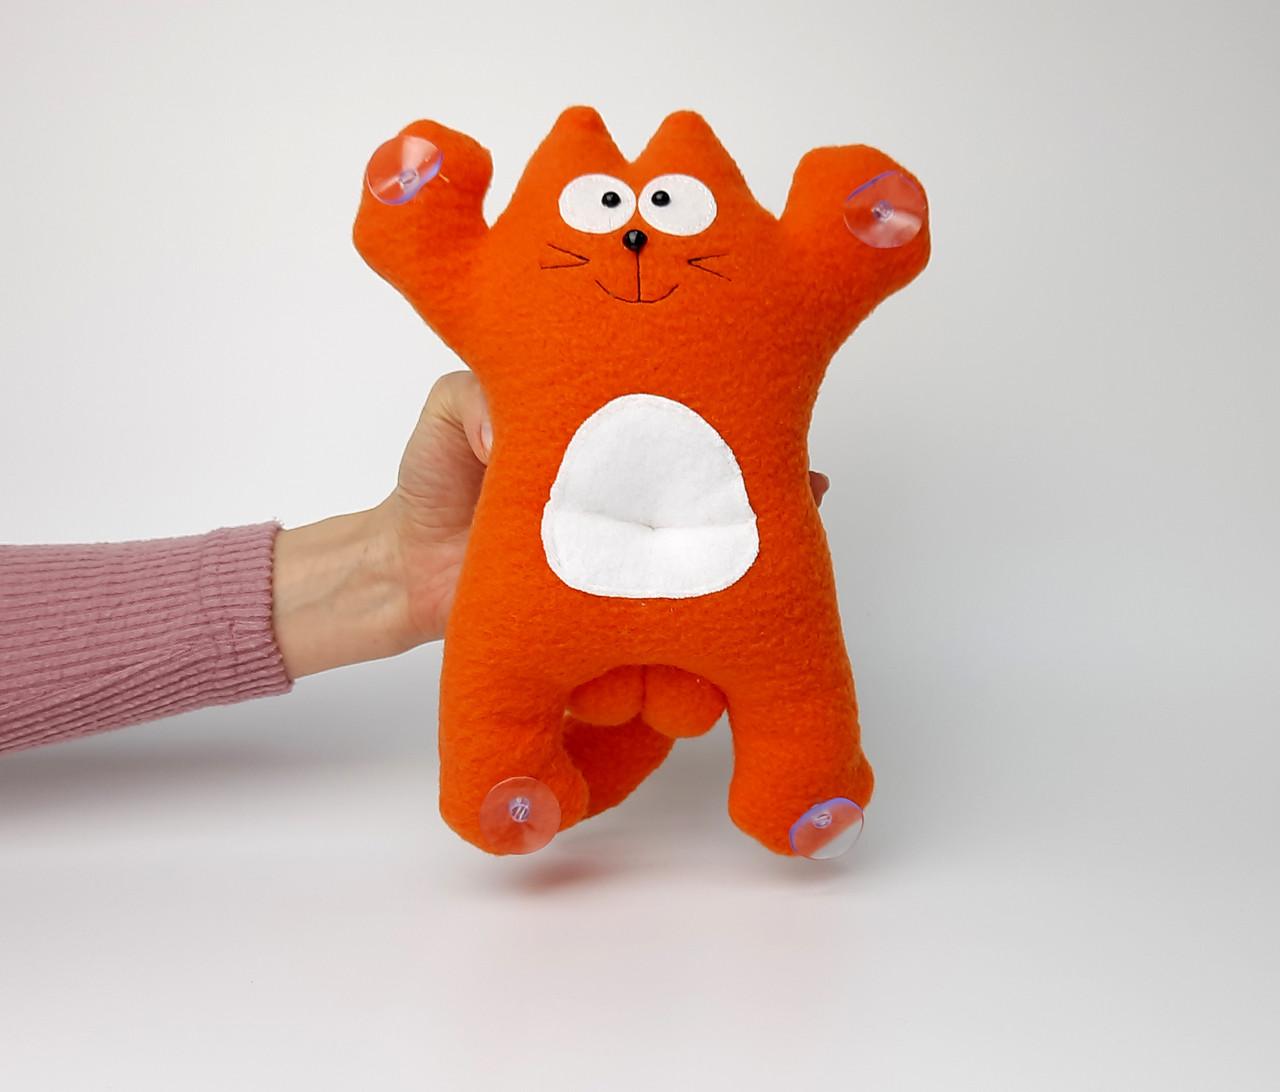 Саймон Кот рыжий на присосках - Сувенир в машину - Мягкая игрушка Кот Саймон - Подарок автомобилисту - фото 5